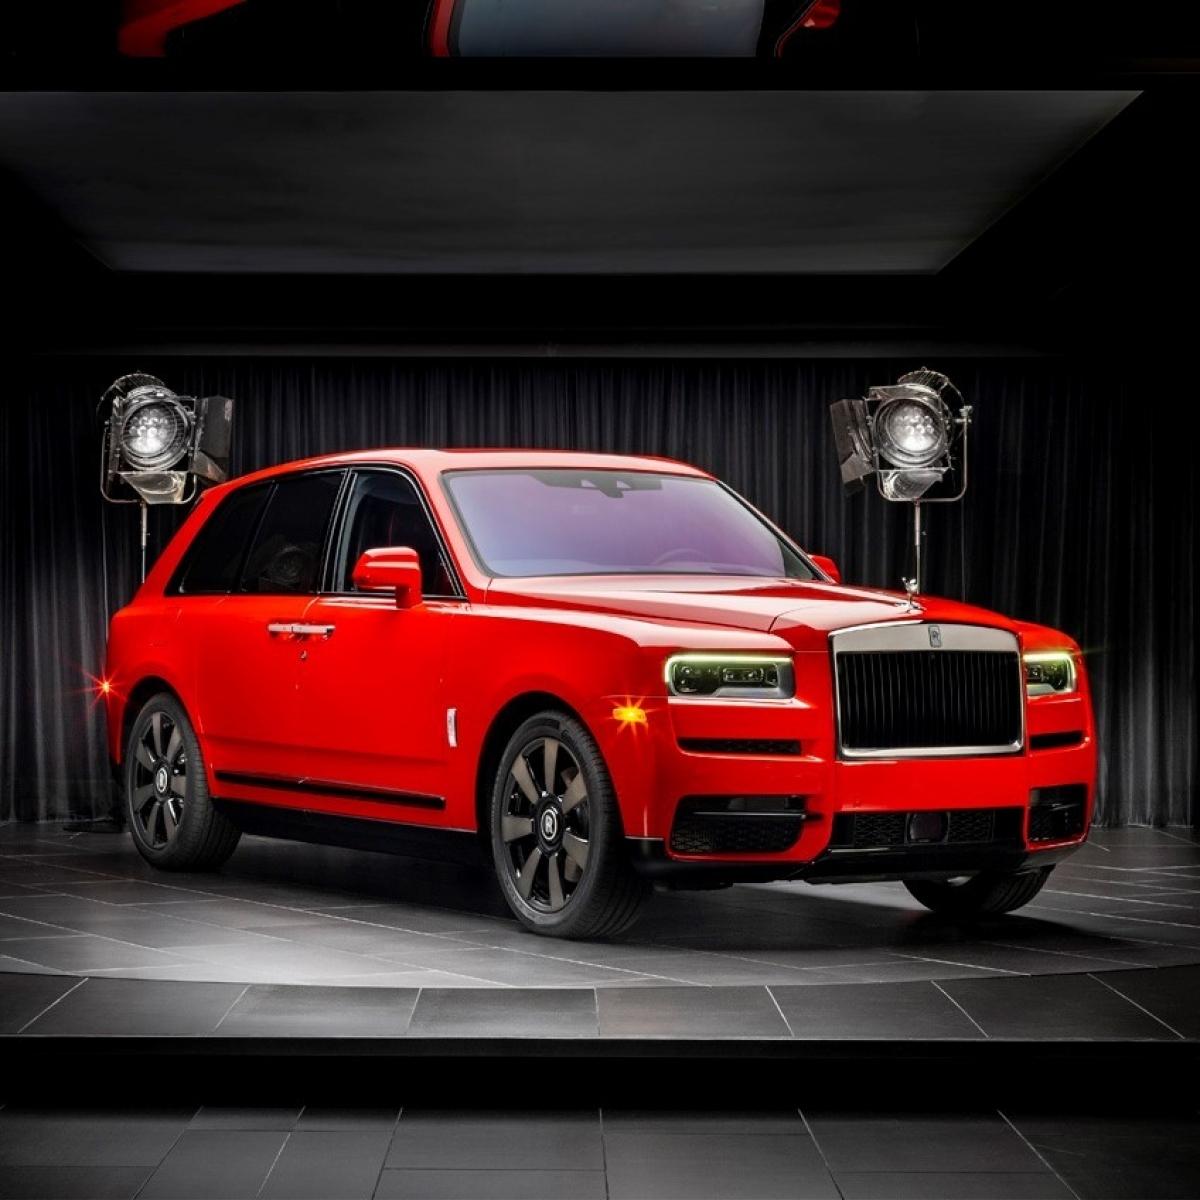 Rolls-Royce Cullinan: Tại Việt Nam, Rolls-Royce Cullinan là một mẫu SUV siêu sang khá được ưa chuộng khi đã có hơn chục chiếc được đưa về nước. Xe có giá bán chính hãng từ 32 tỷ đồng và giá bán nhập ngoài của xe ở mức trên 40 tỷ đồng.